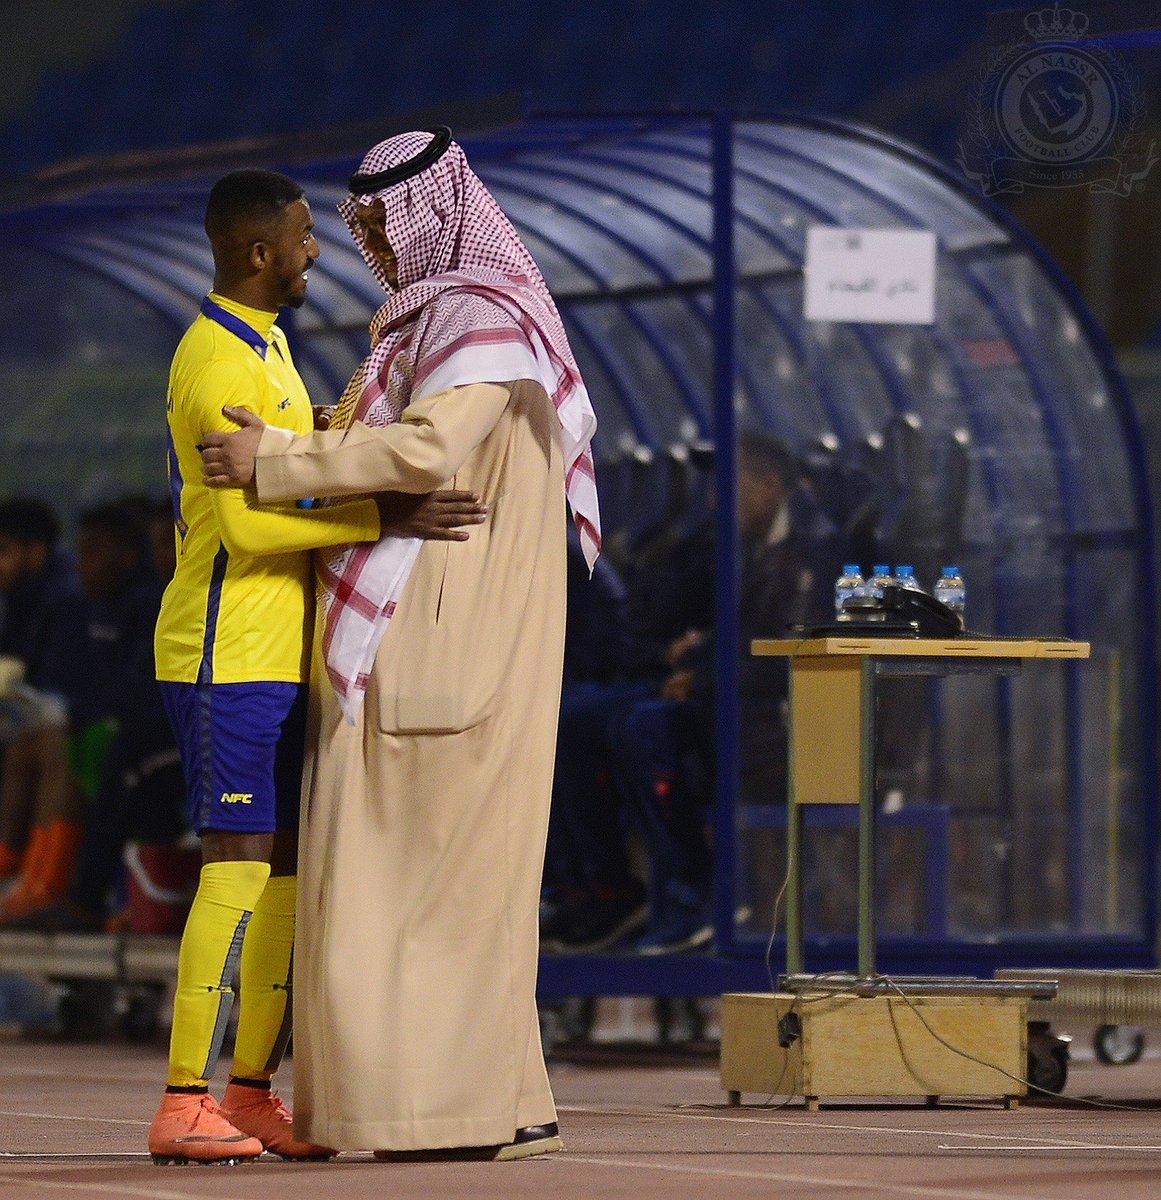 صــور من مباراة #النصر_الفيحاء  7-10 #NFC https://t.co/uTd9VCc5uh